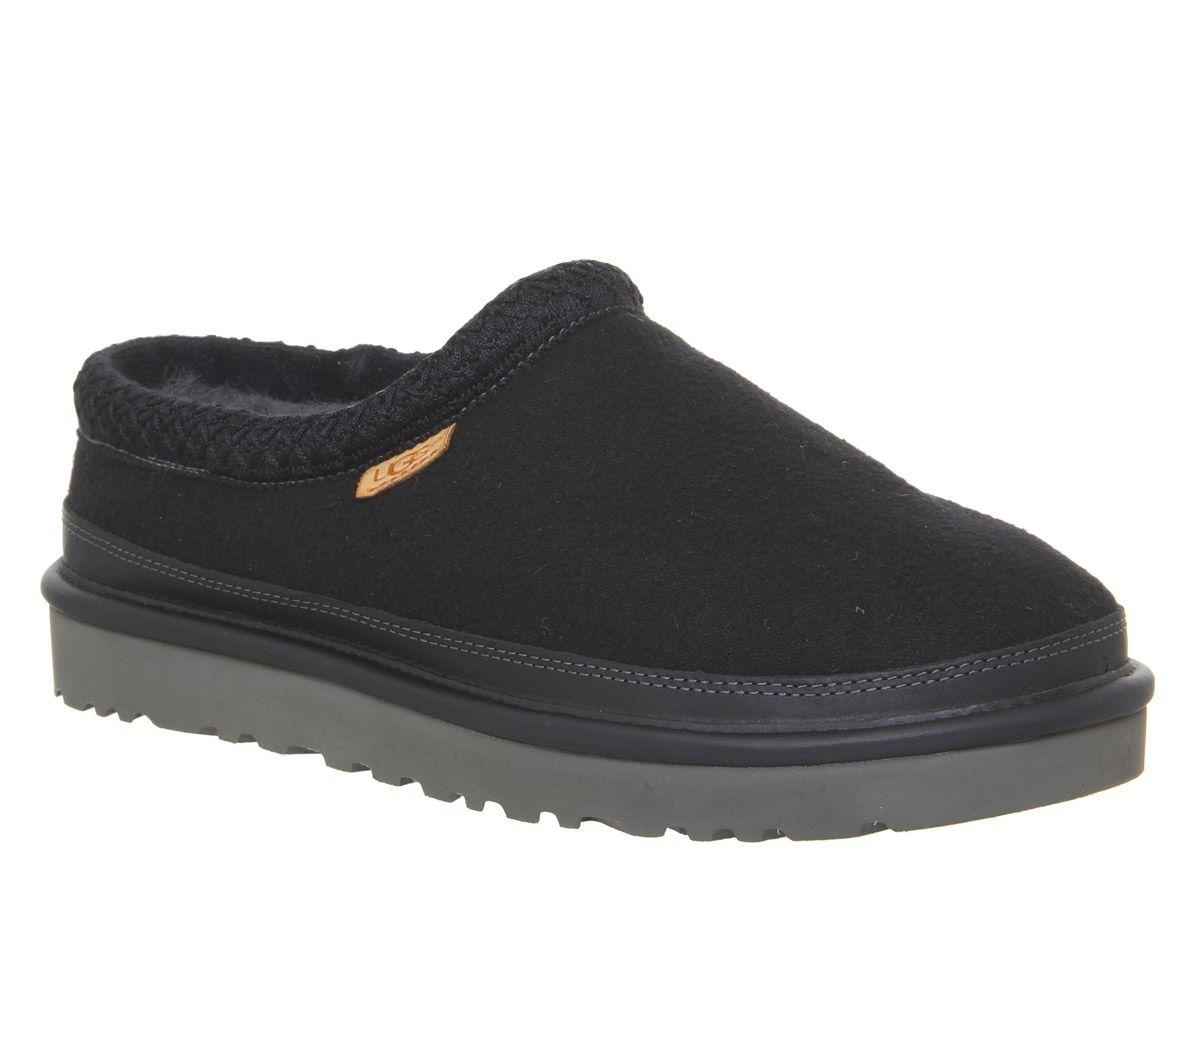 b7111f85c16 Tasman Slippers